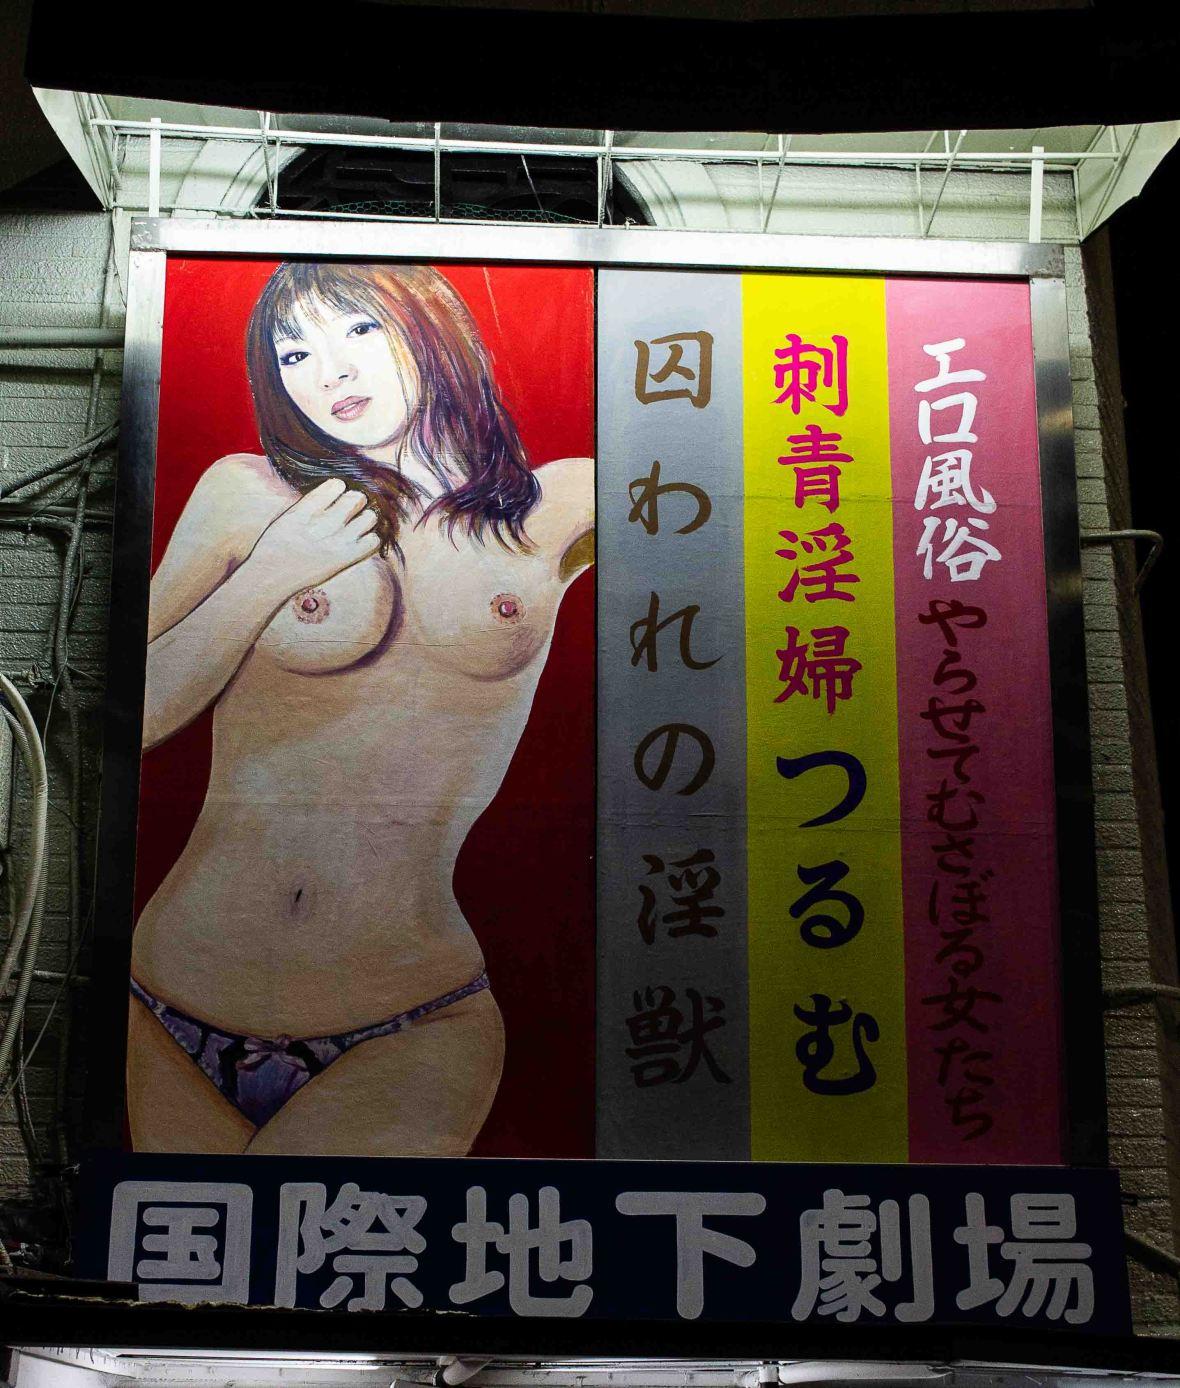 laurent ibanez derrierre la colline le cinema pour adulte du Shin sekai affiche 2